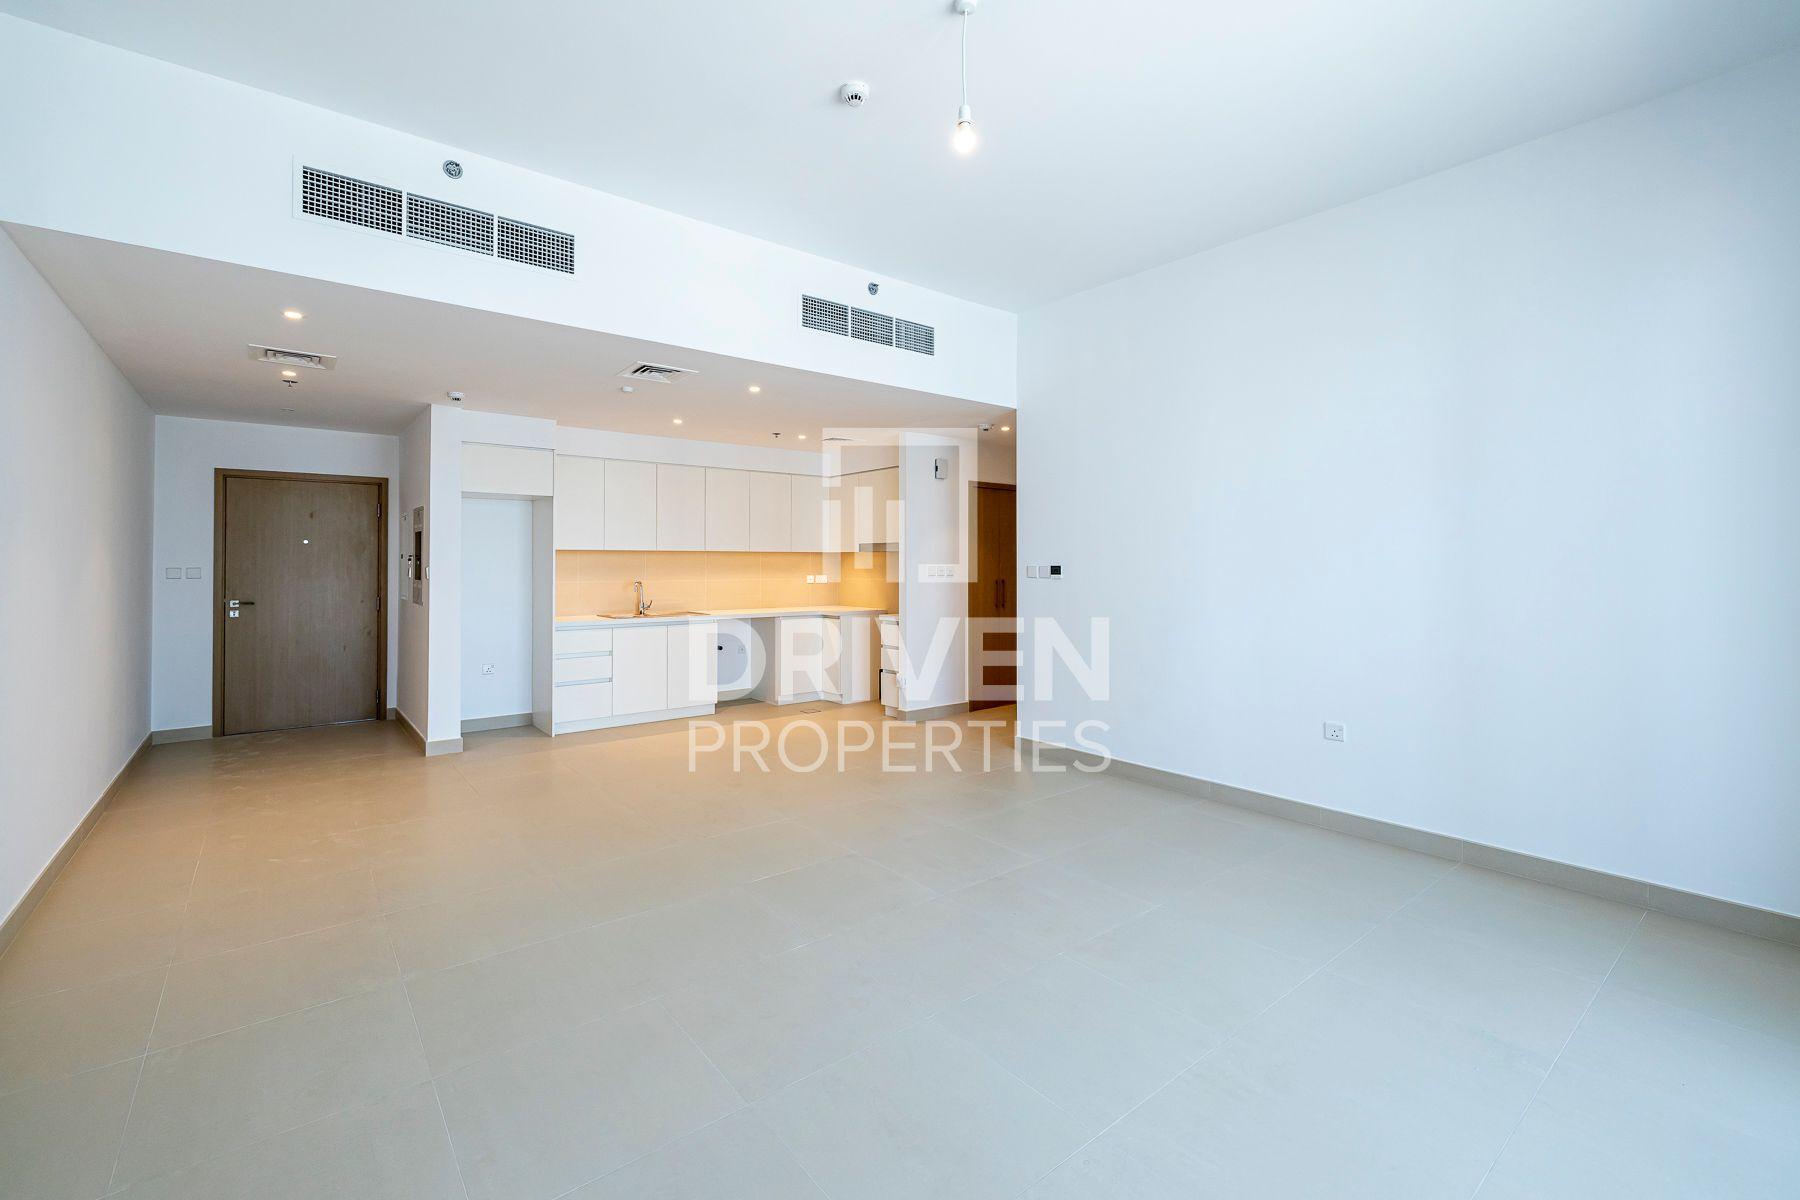 1,136 قدم مربع  شقة - للايجار - ميناء خور دبي